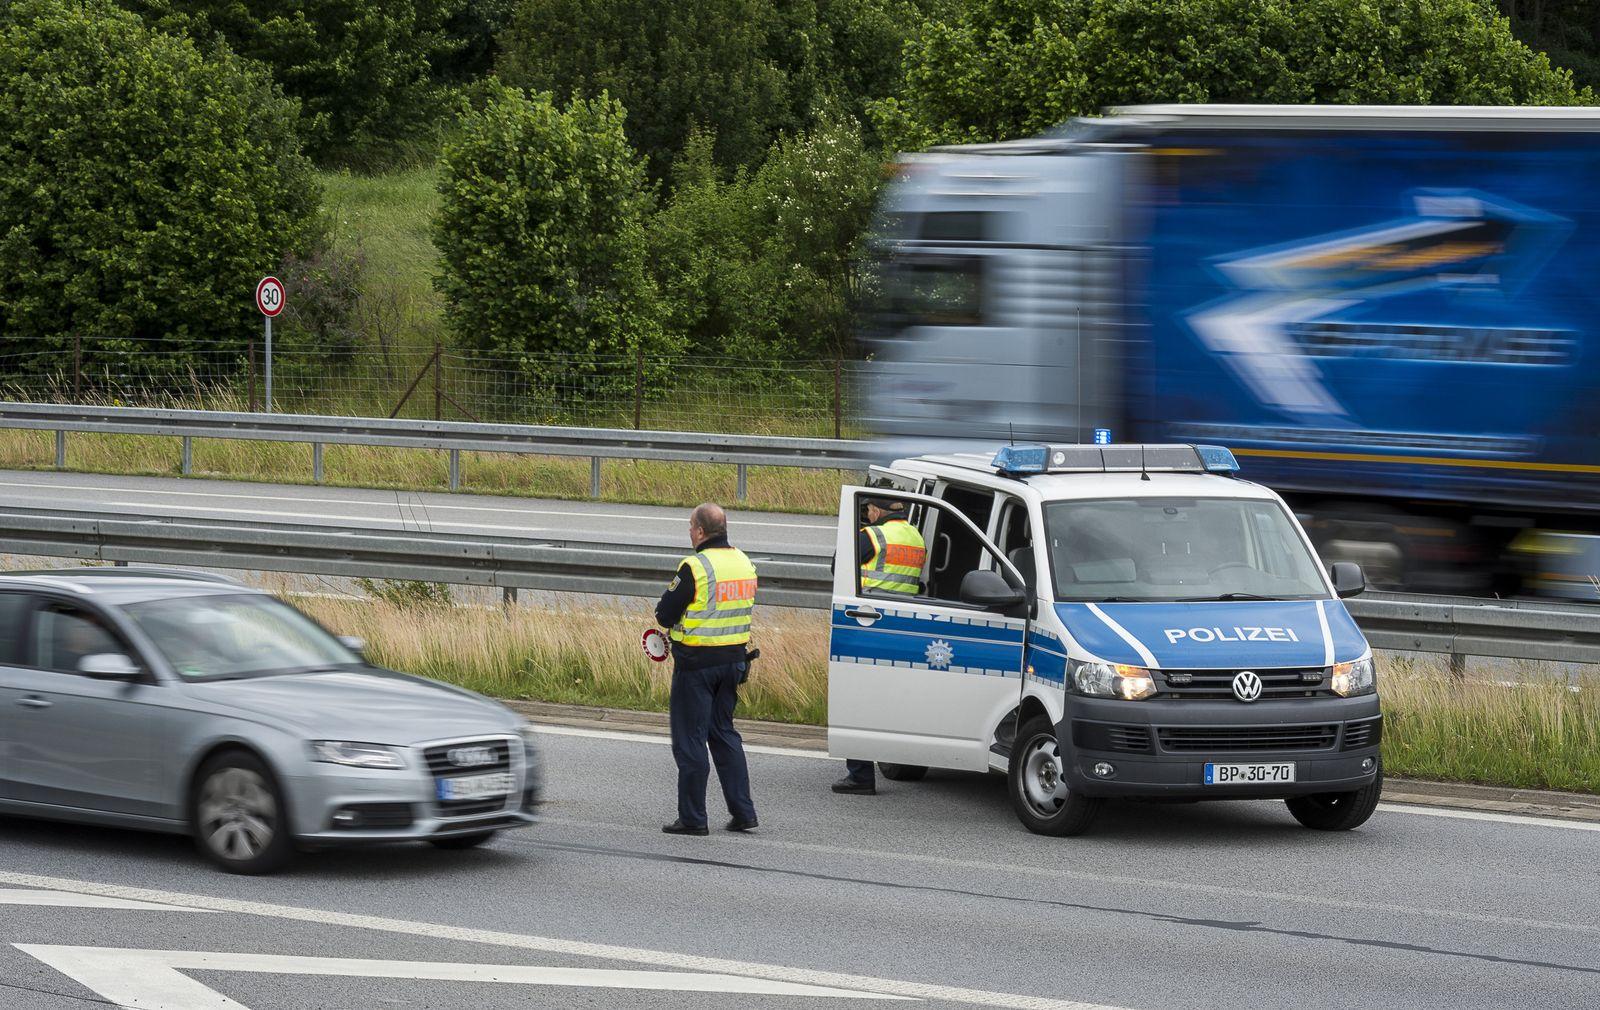 Grenzkontrollen / G20-Gipfel / Polizei